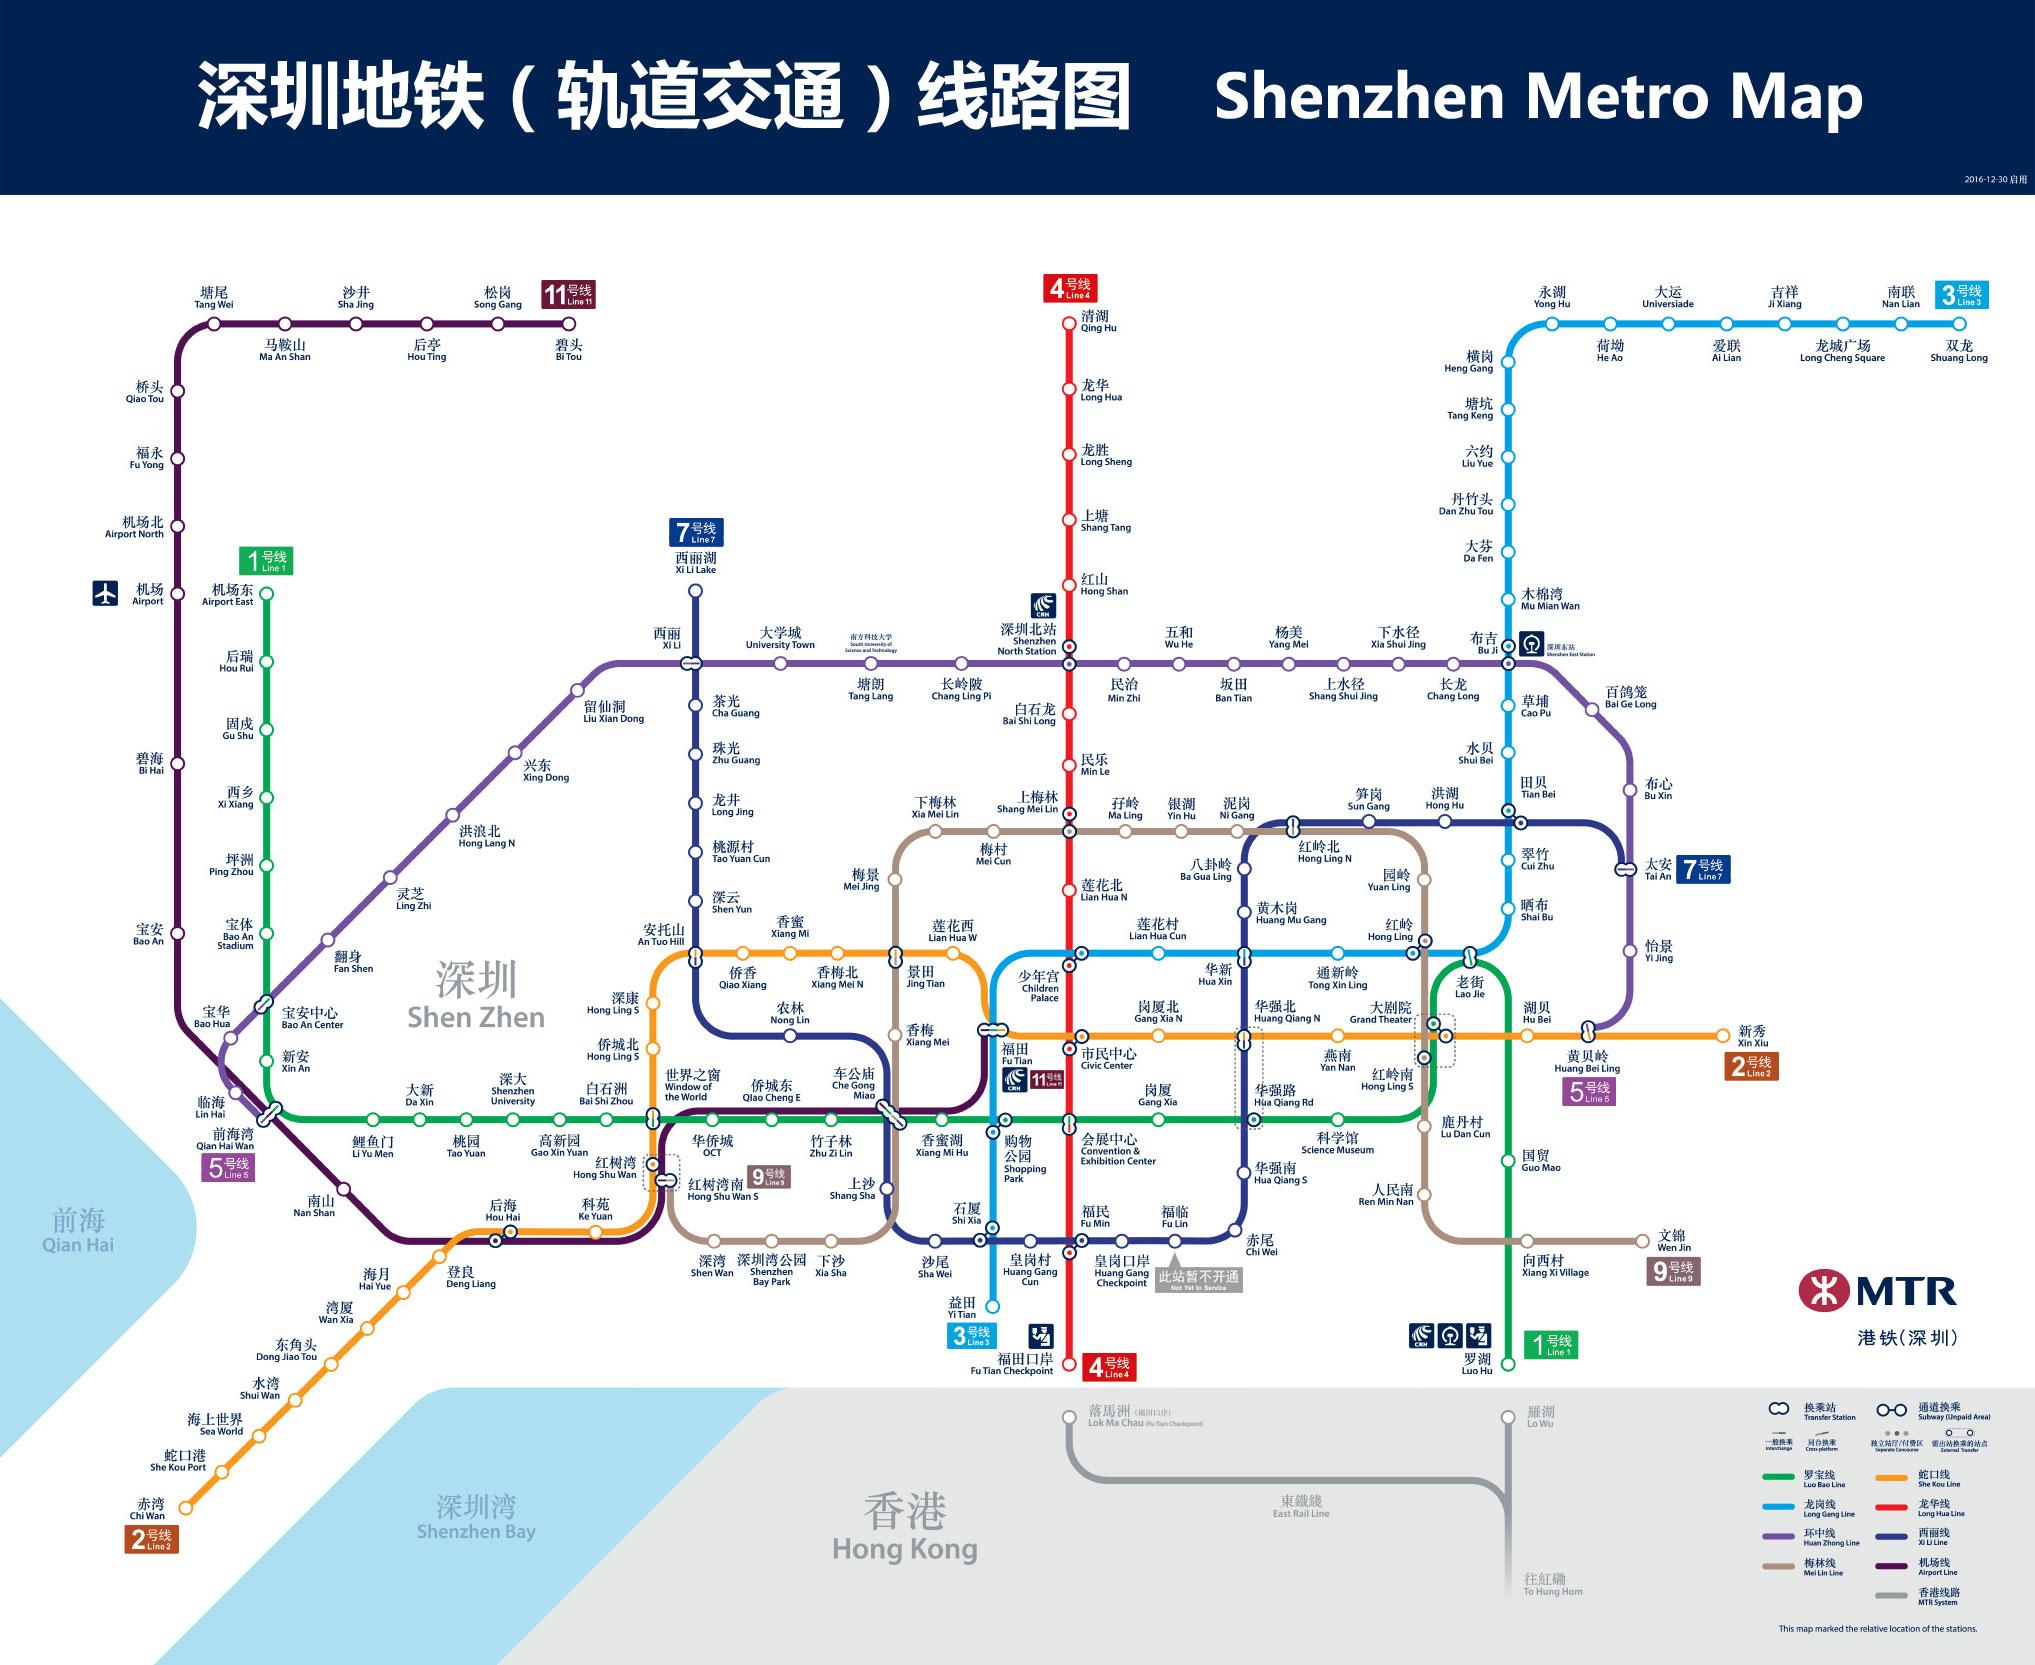 深圳地铁线路图_运营时间票价站点_查询